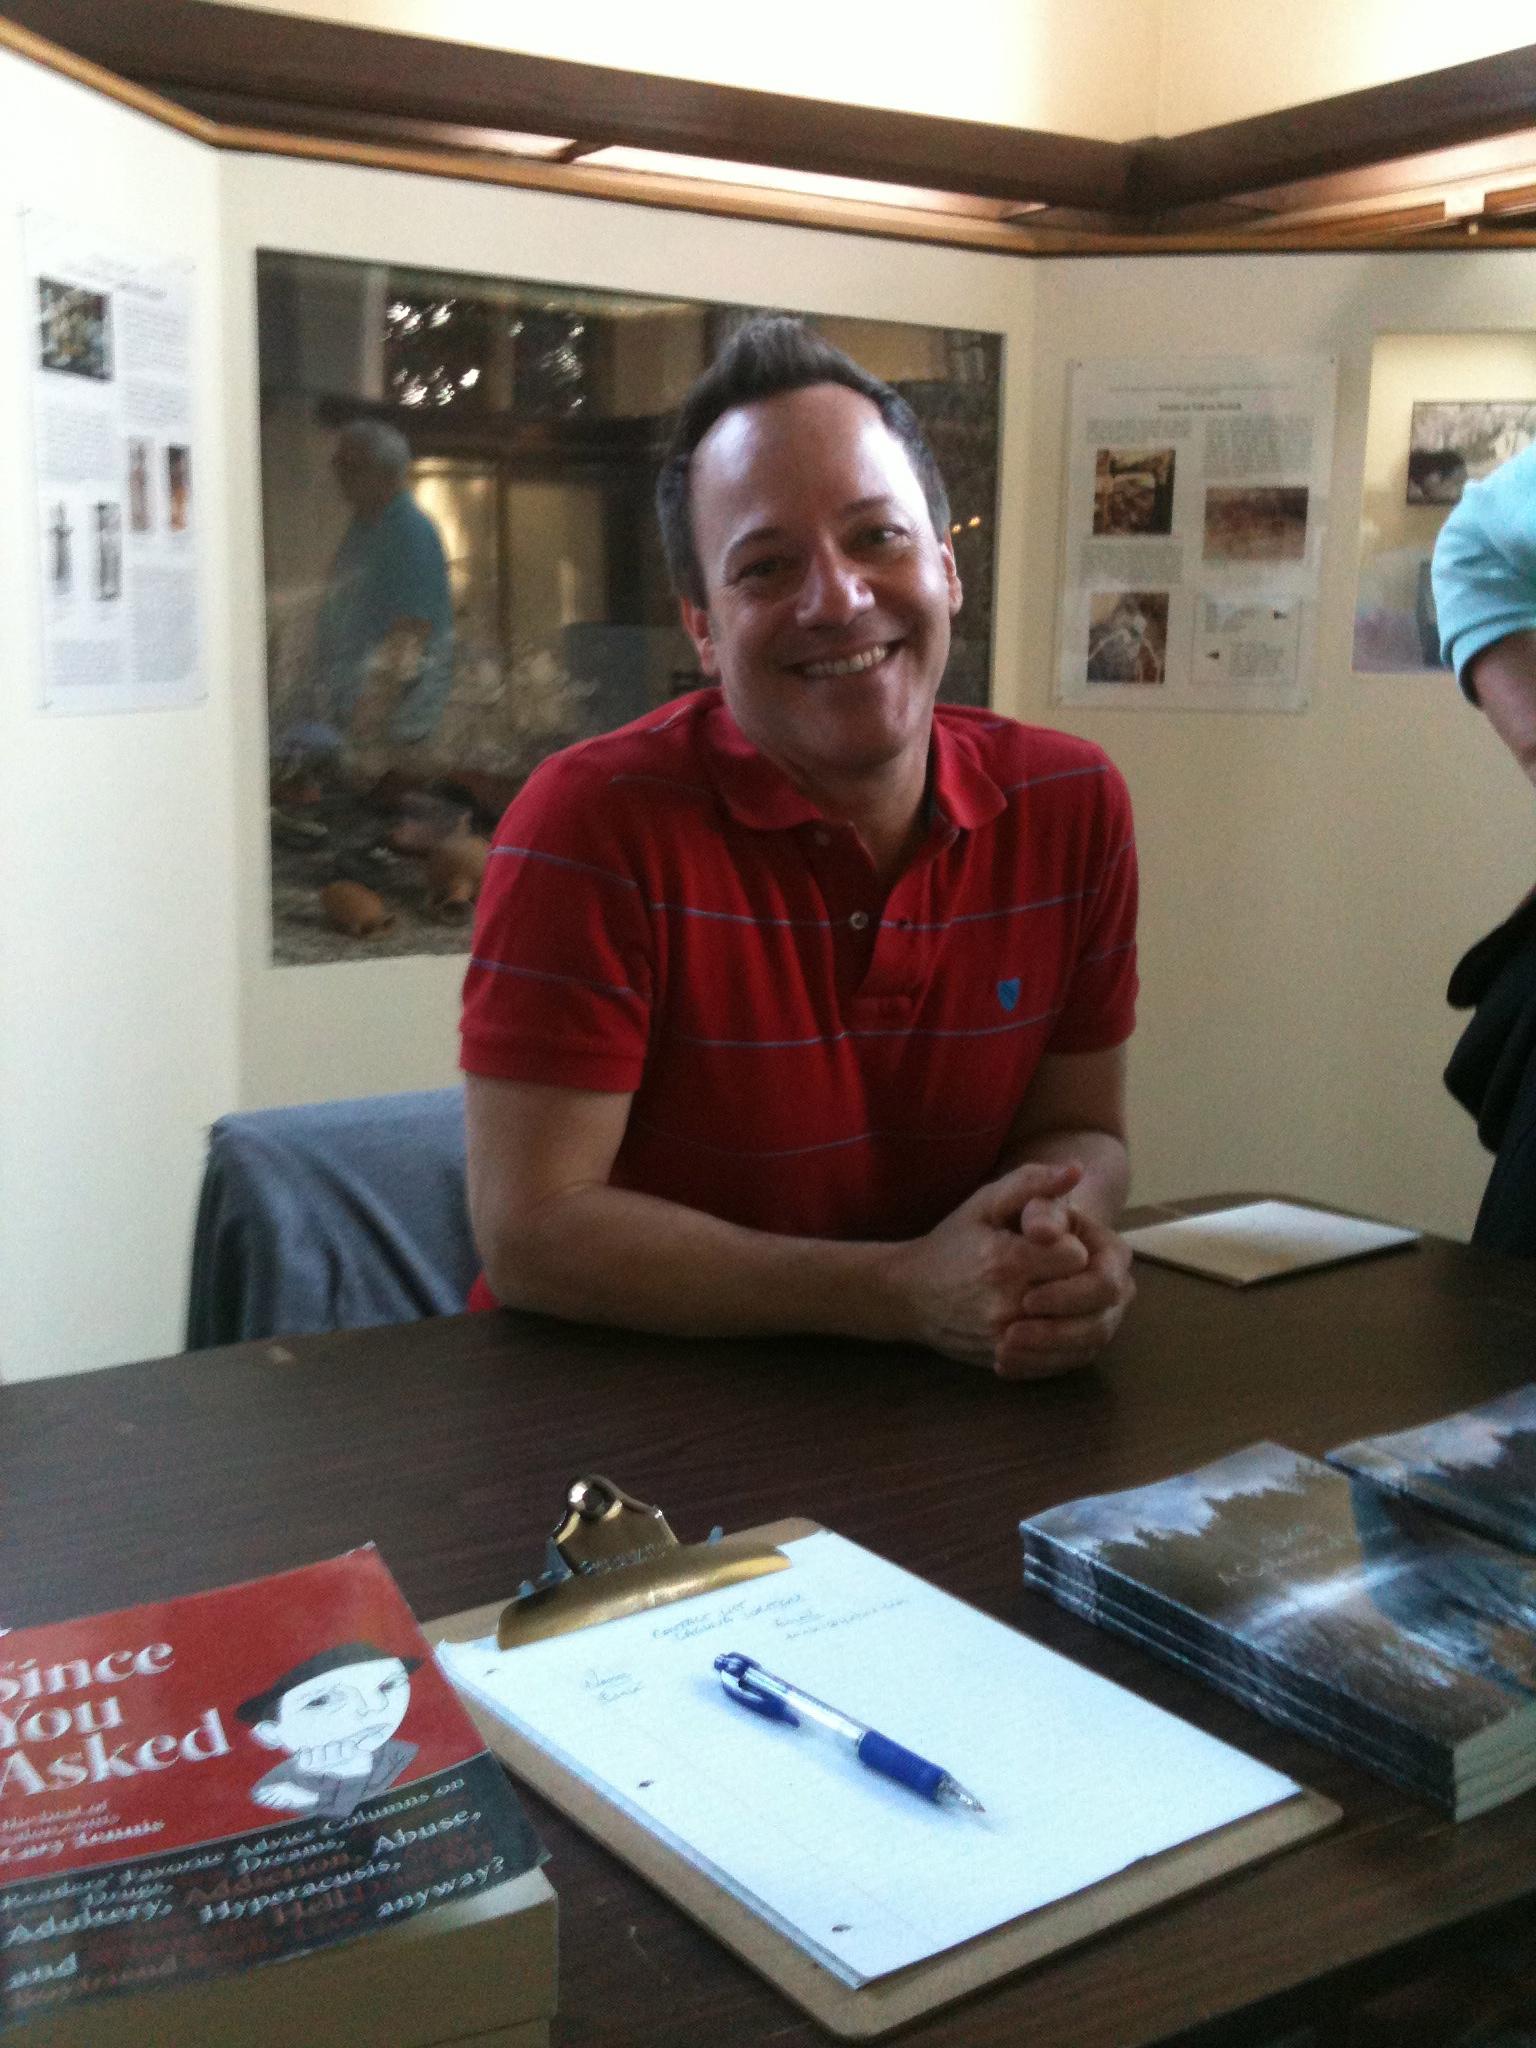 Chris DeLorenzo of Laguna Writers